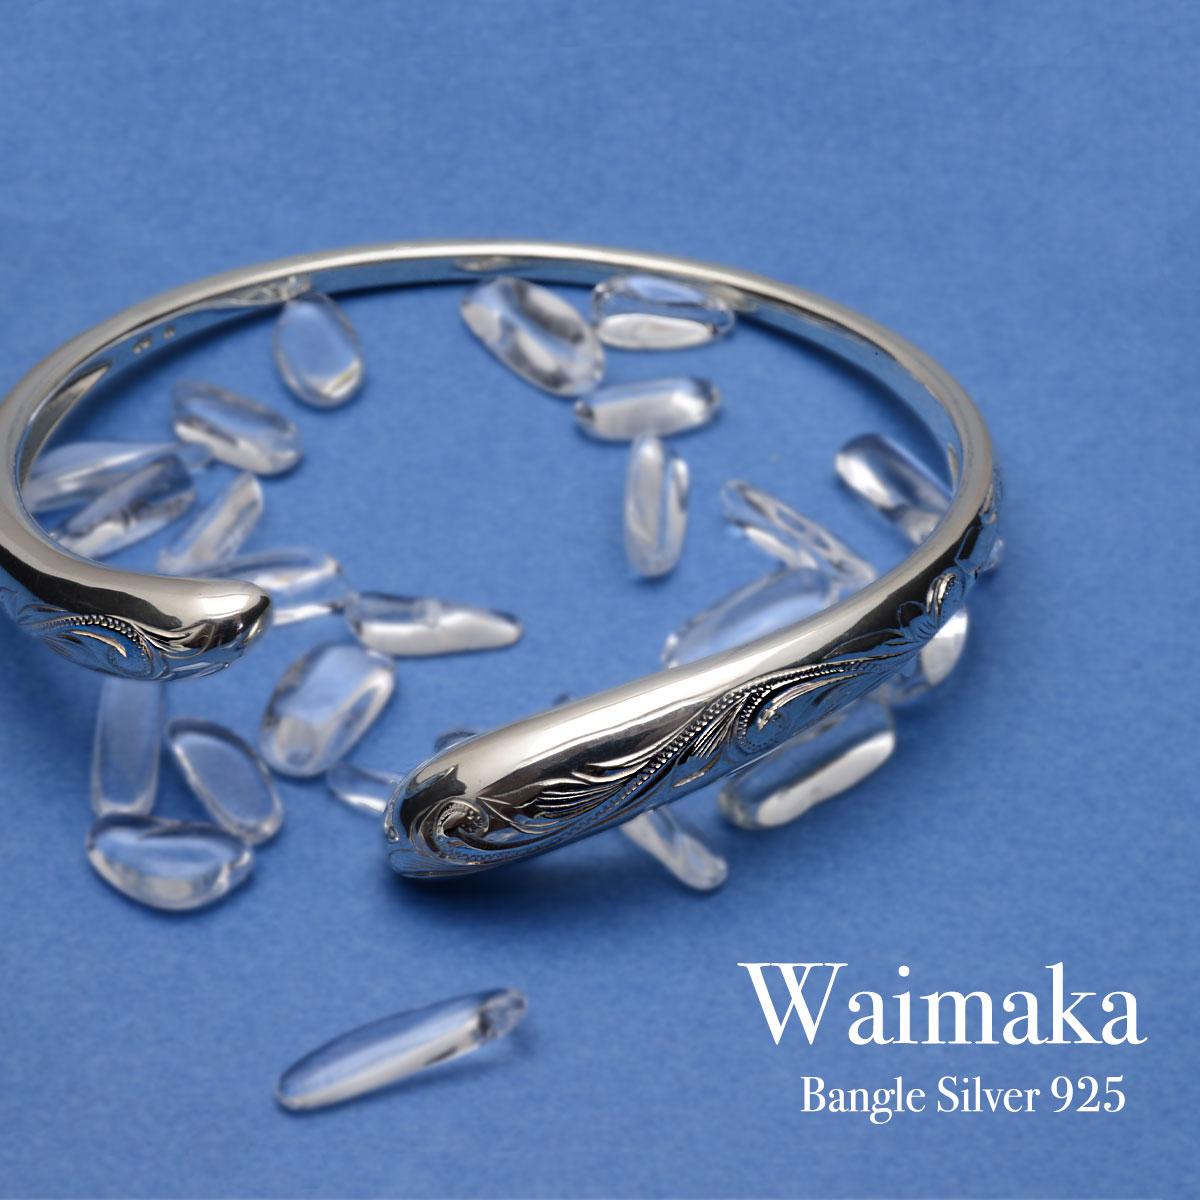 バングル ハワイアンジュエリー アクセサリー レディース 女性 メンズ 男性(Weliana)Waimaka ワイマカ バングル シルバー 925プレゼント